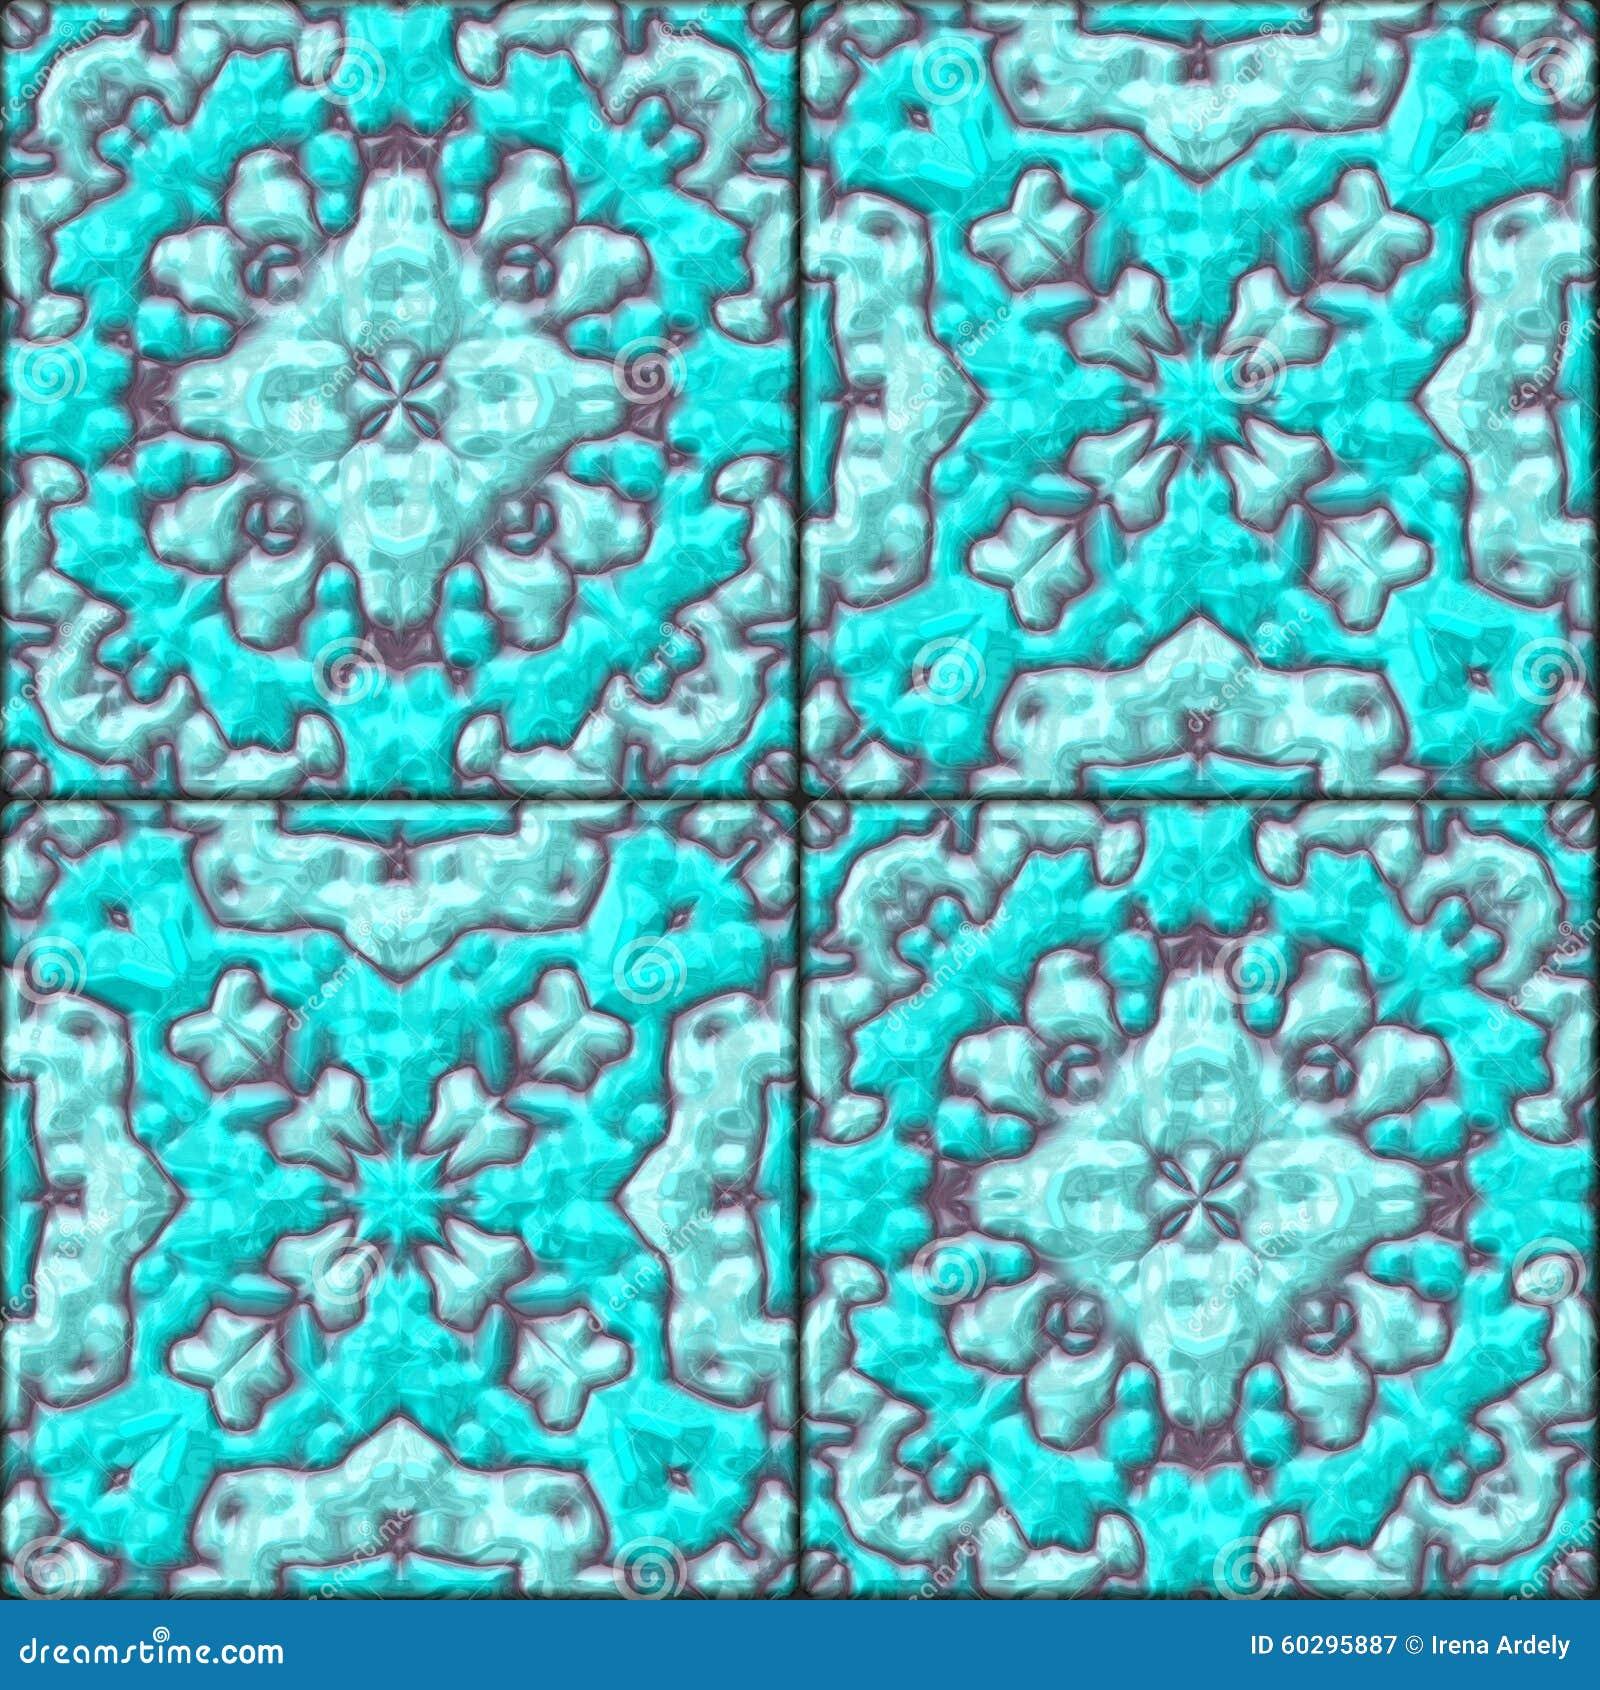 piastrelle bianche ceramica: bagno rivestito con piastrelle ... - Piastrelle Bianche Ceramica